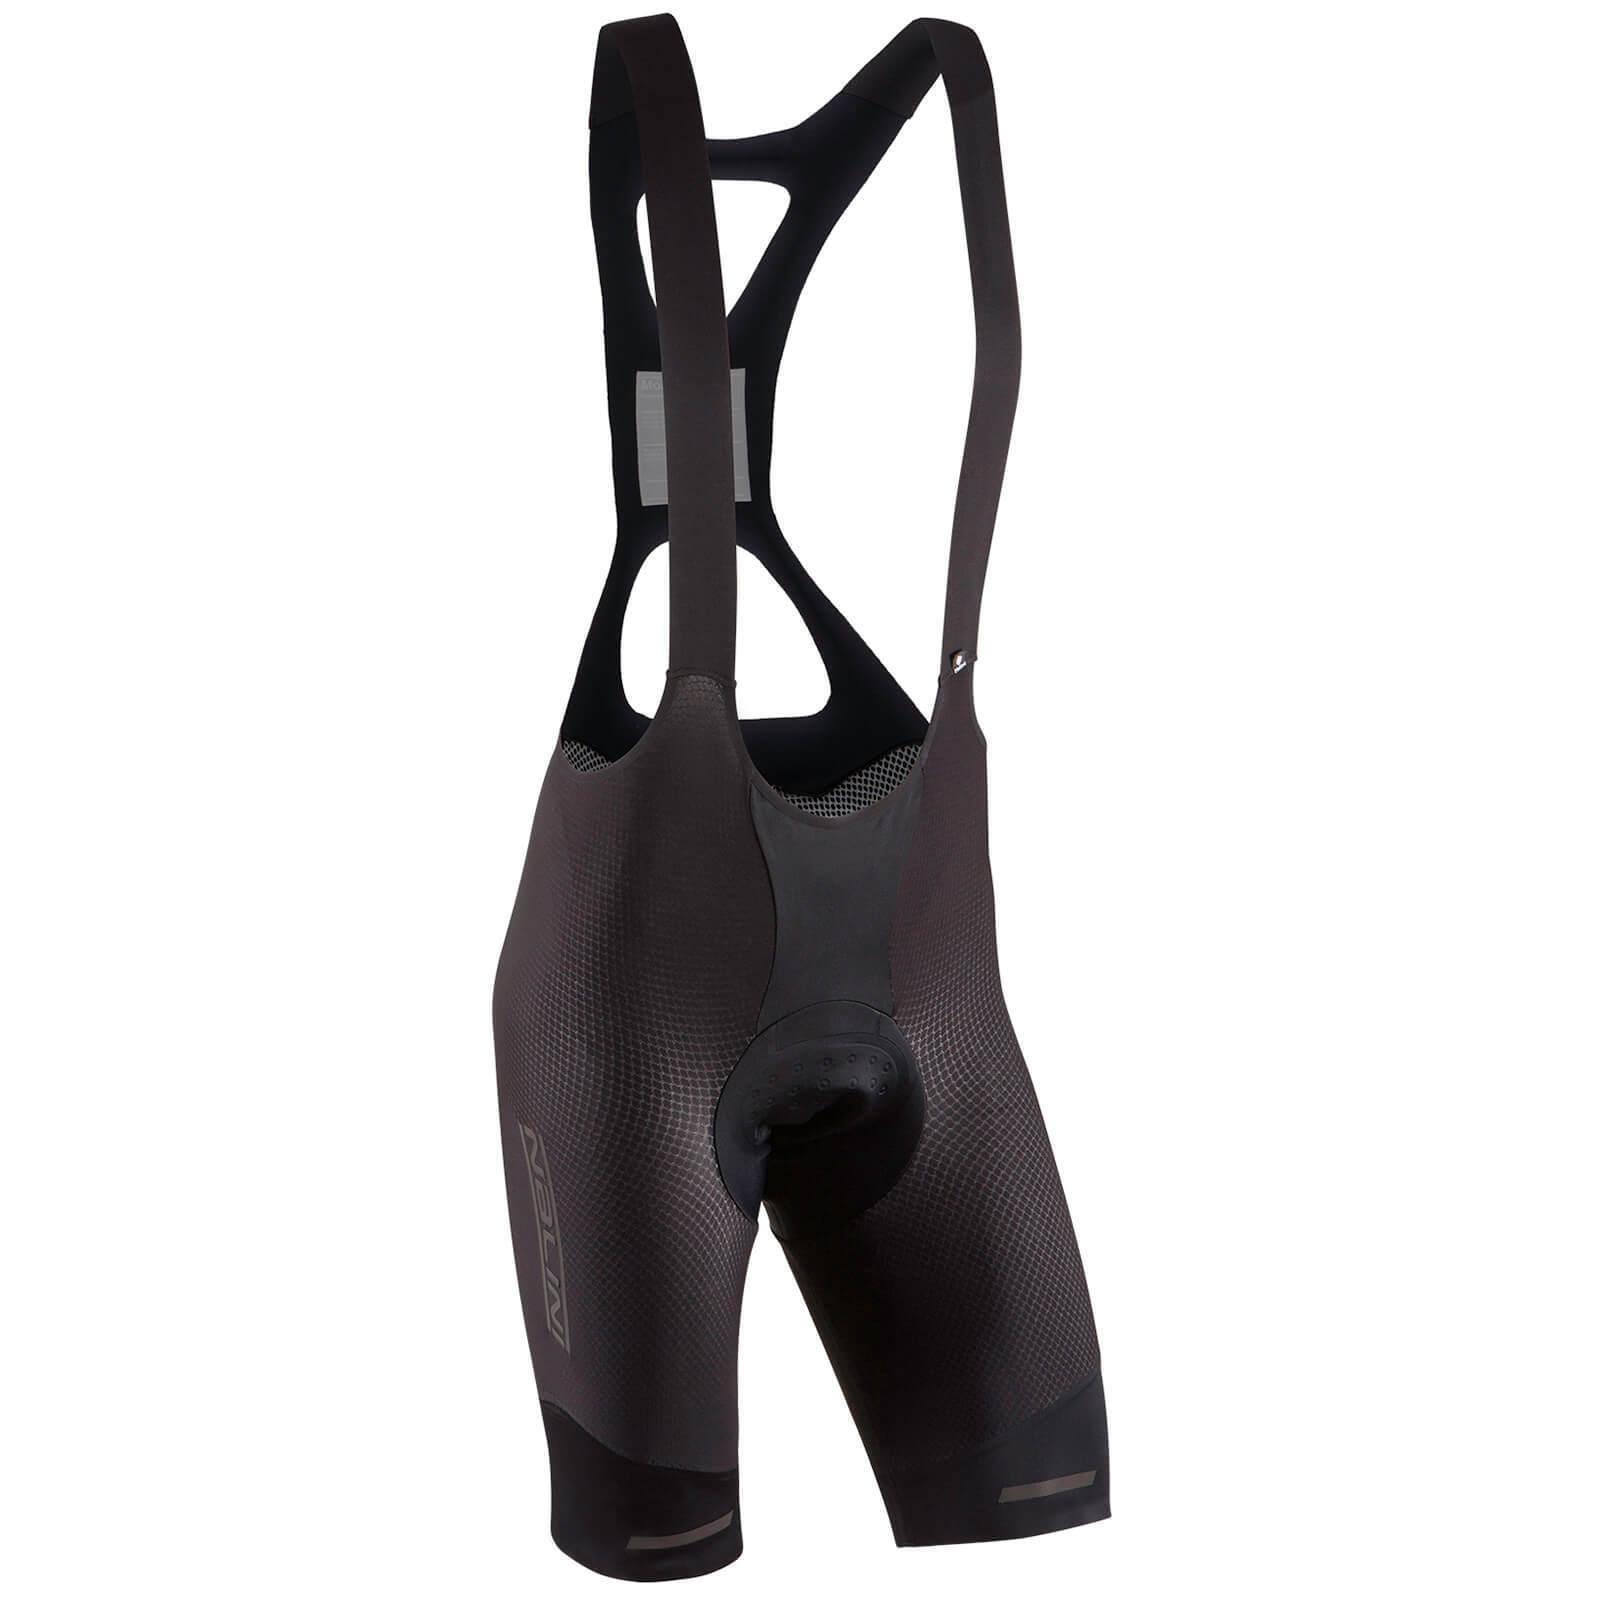 NALINI  INTEGRA Shorts Cortos, PRO ciclismo Authentic Kit  . venta-italiano  punto de venta en línea